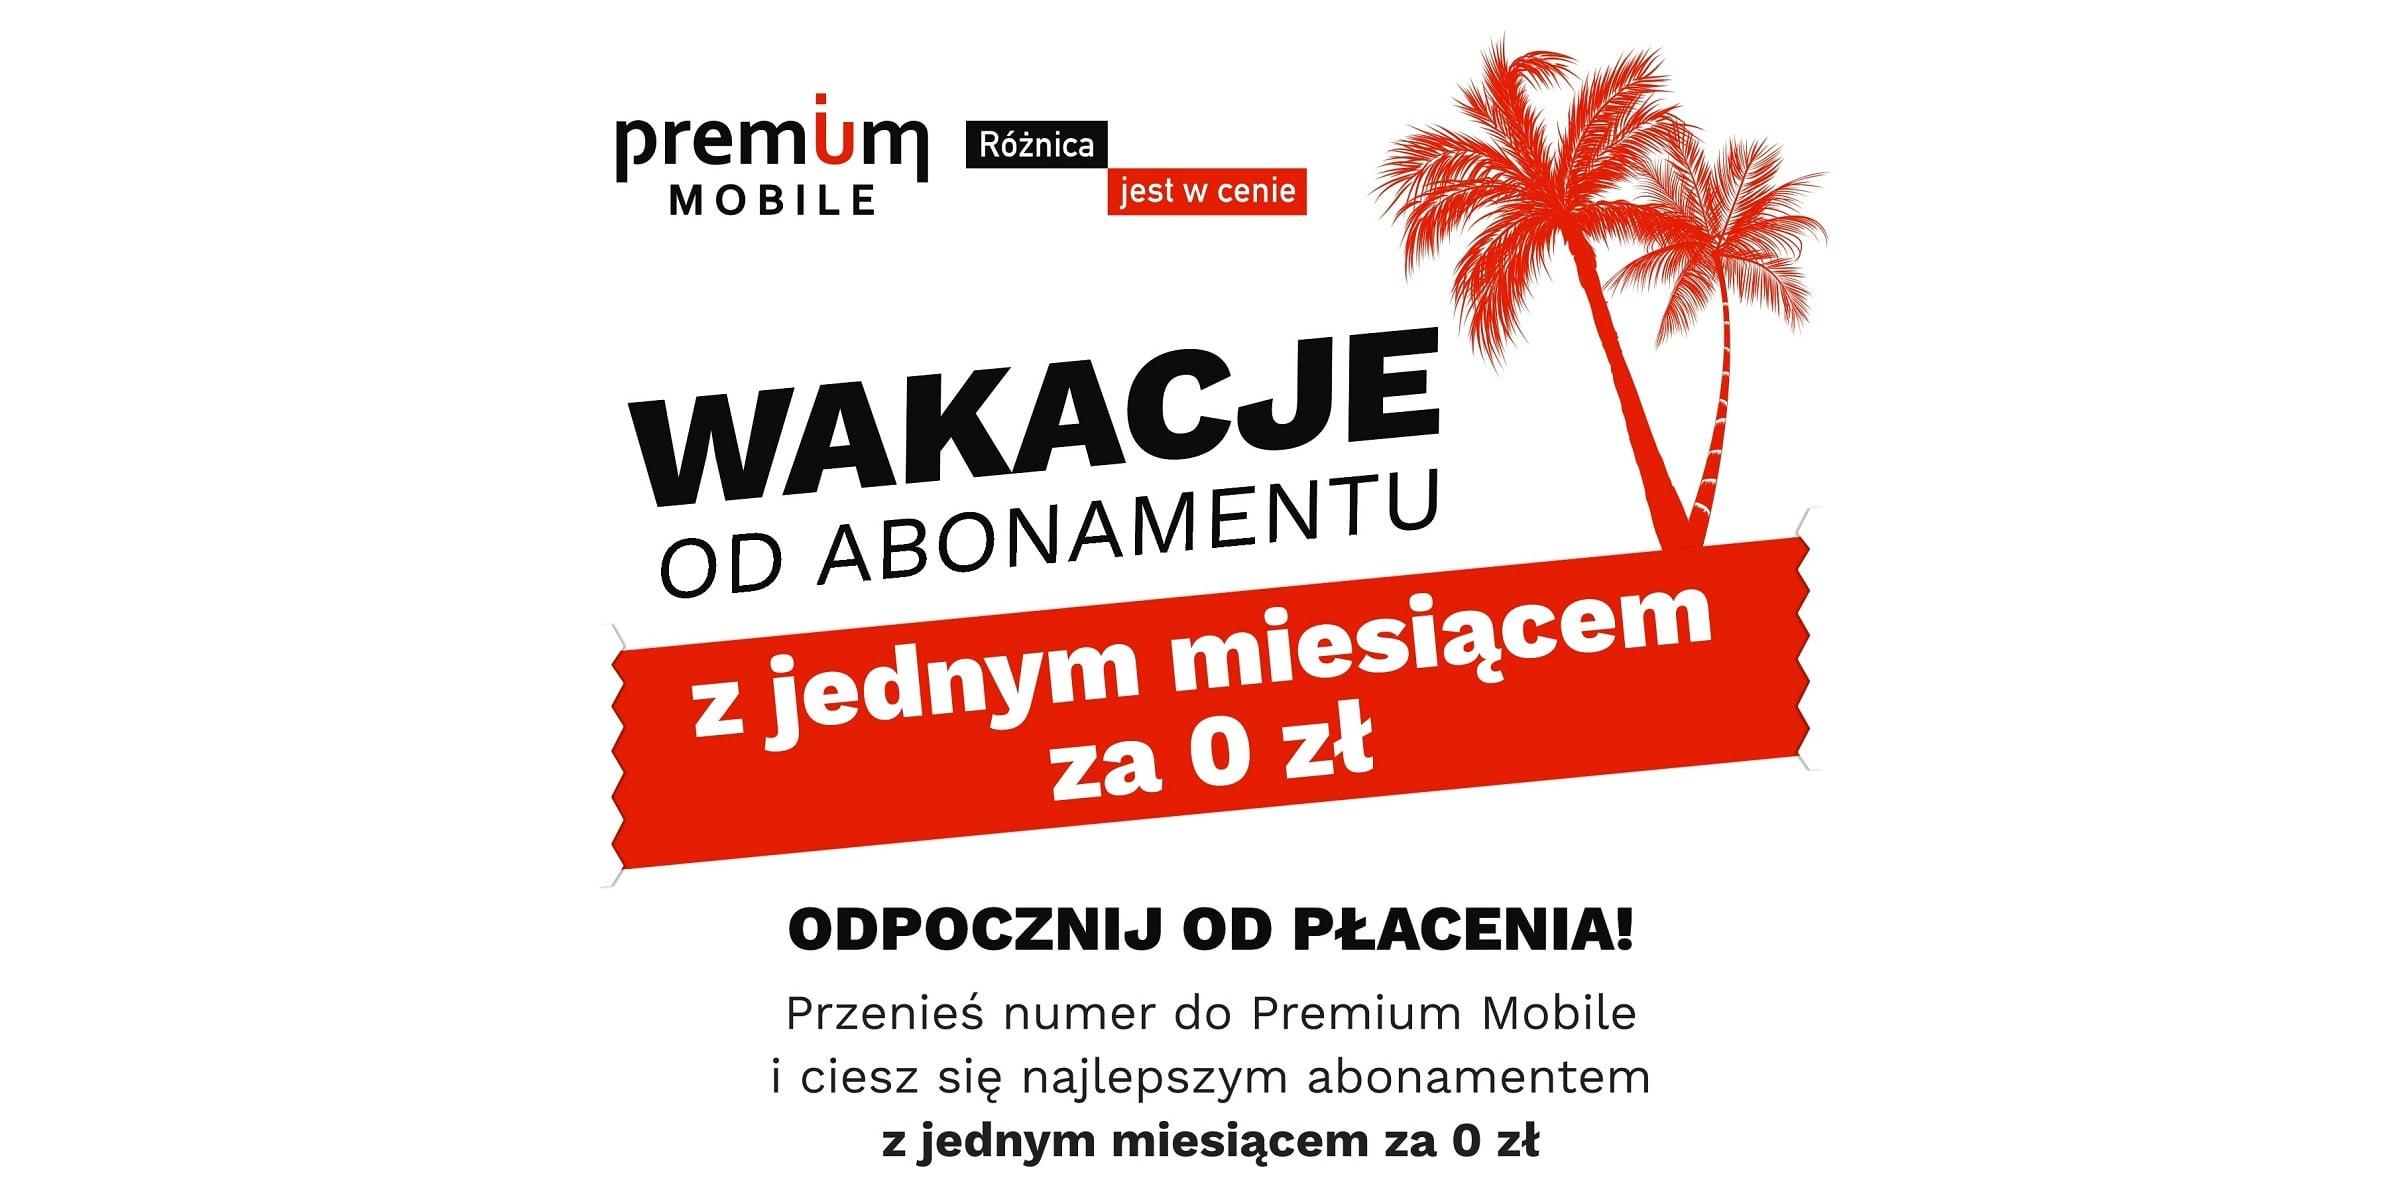 Tabletowo.pl Nowi klienci Premium Mobile nic nie zapłacą za pierwszy miesiąc, ale pod warunkiem, że przeniosą swój numer GSM Promocje